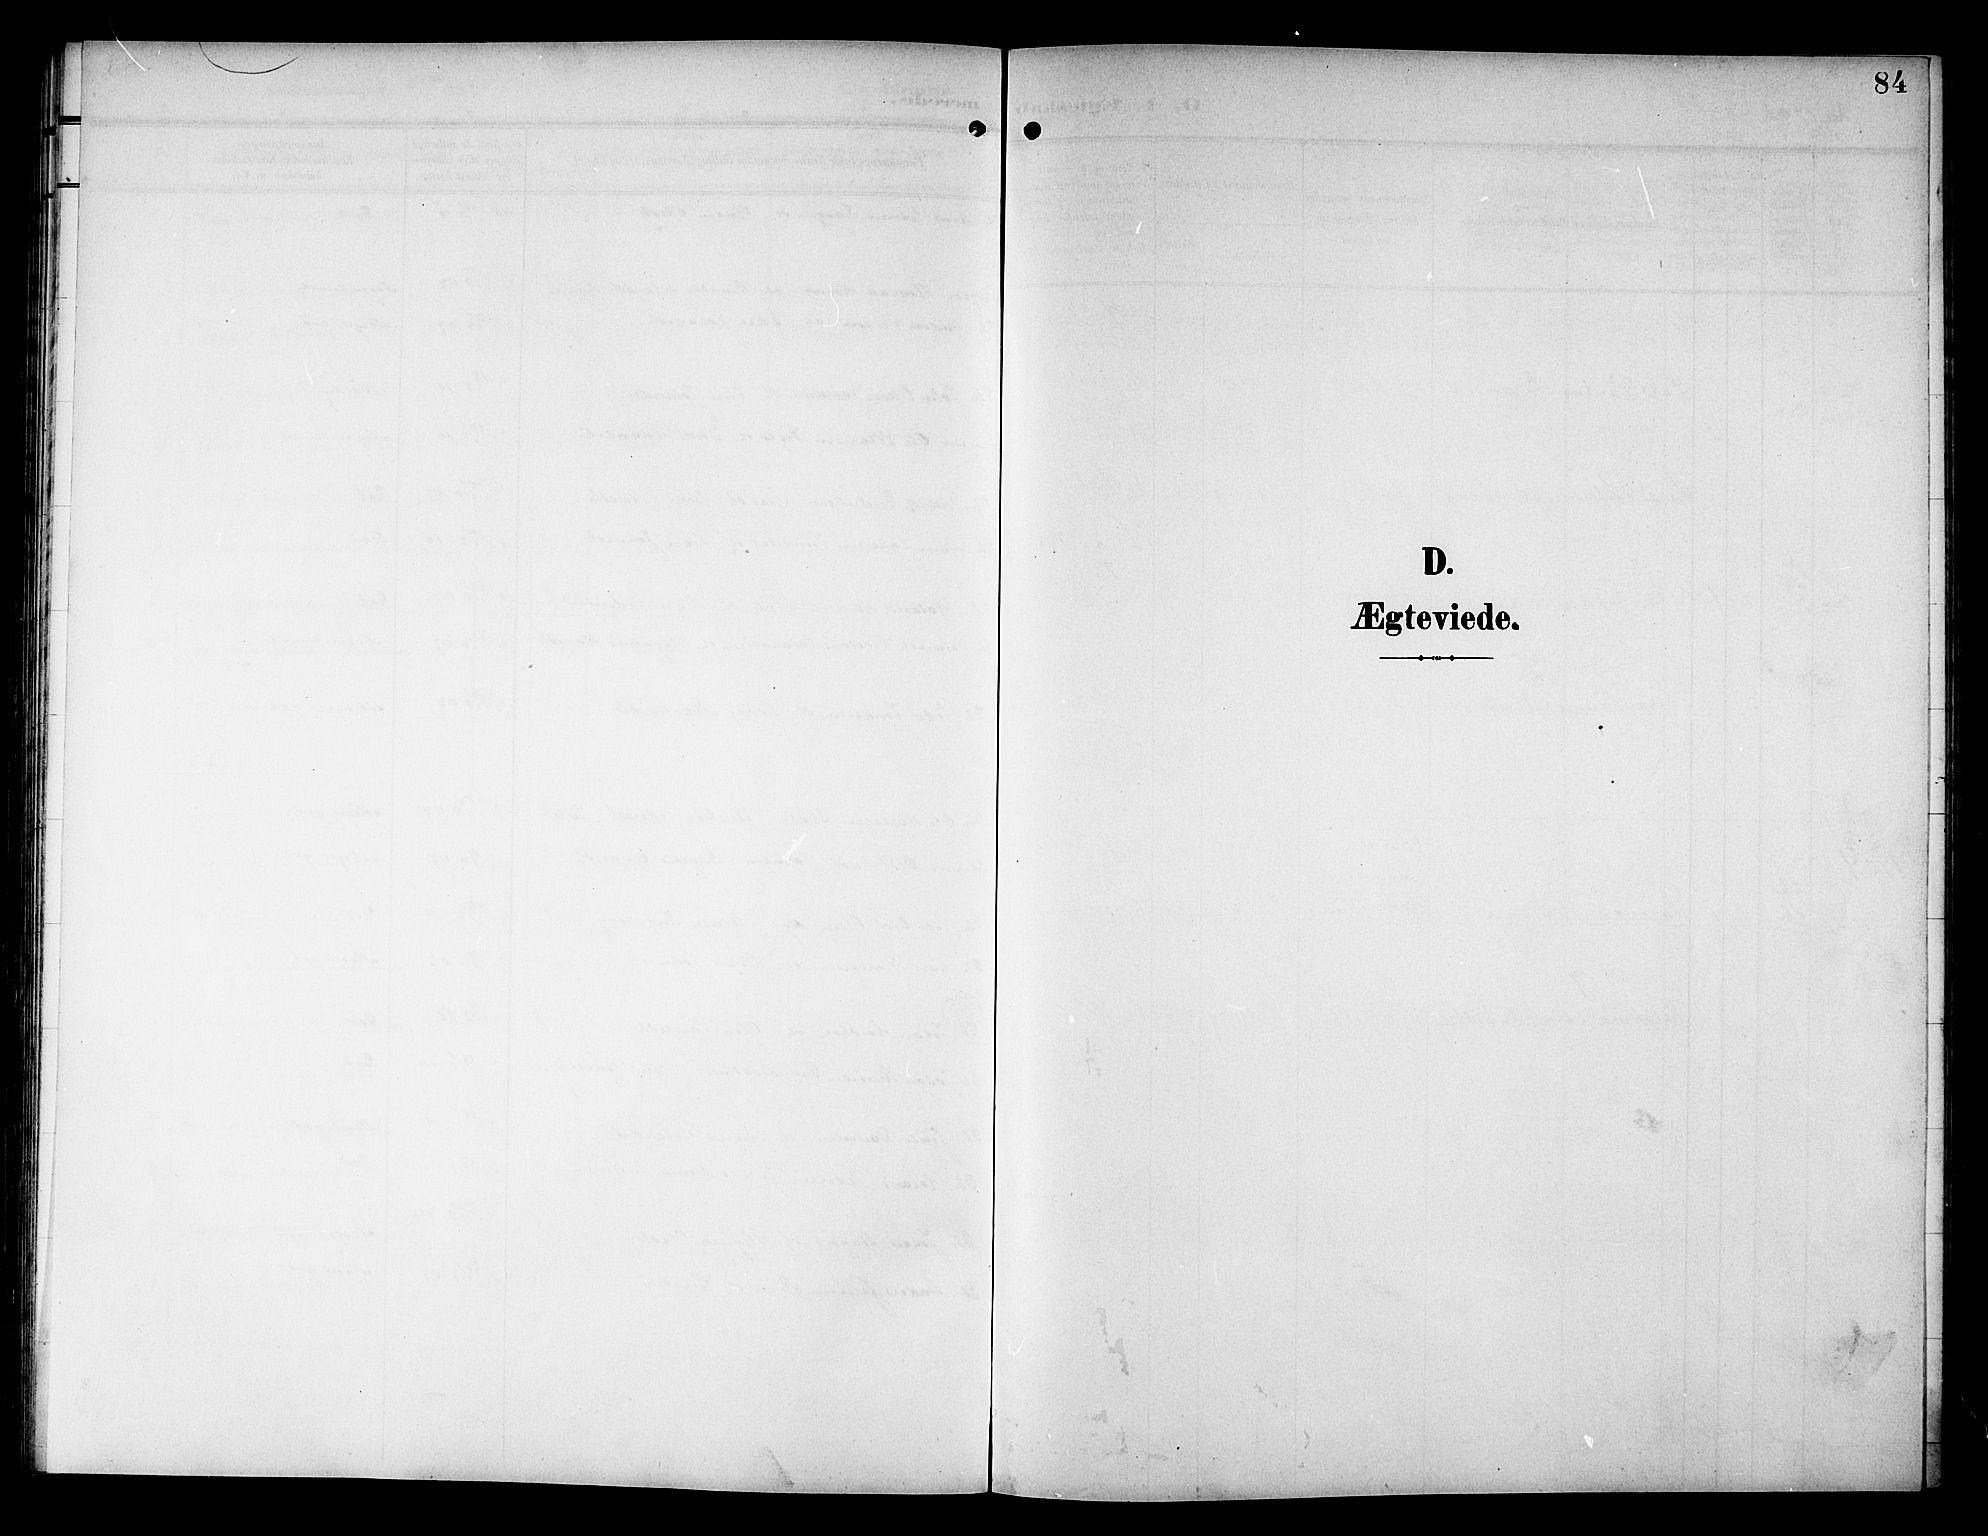 SAT, Ministerialprotokoller, klokkerbøker og fødselsregistre - Nord-Trøndelag, 757/L0506: Klokkerbok nr. 757C01, 1904-1922, s. 84